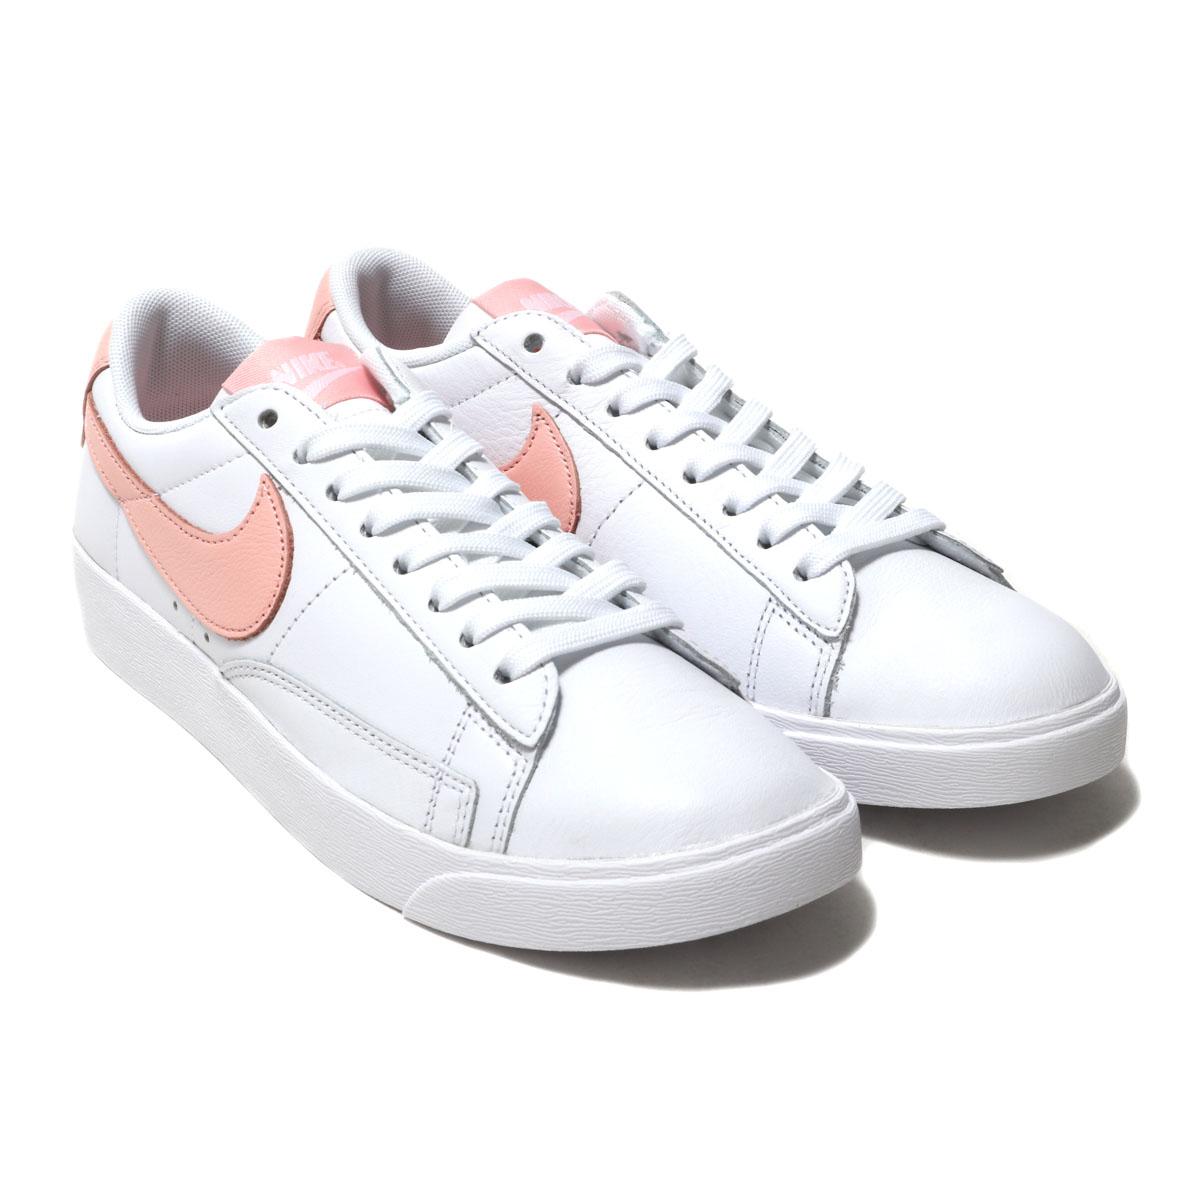 08741fe9c3e5 greece nike w blazer low le white storm pink white le eac61 a76e0